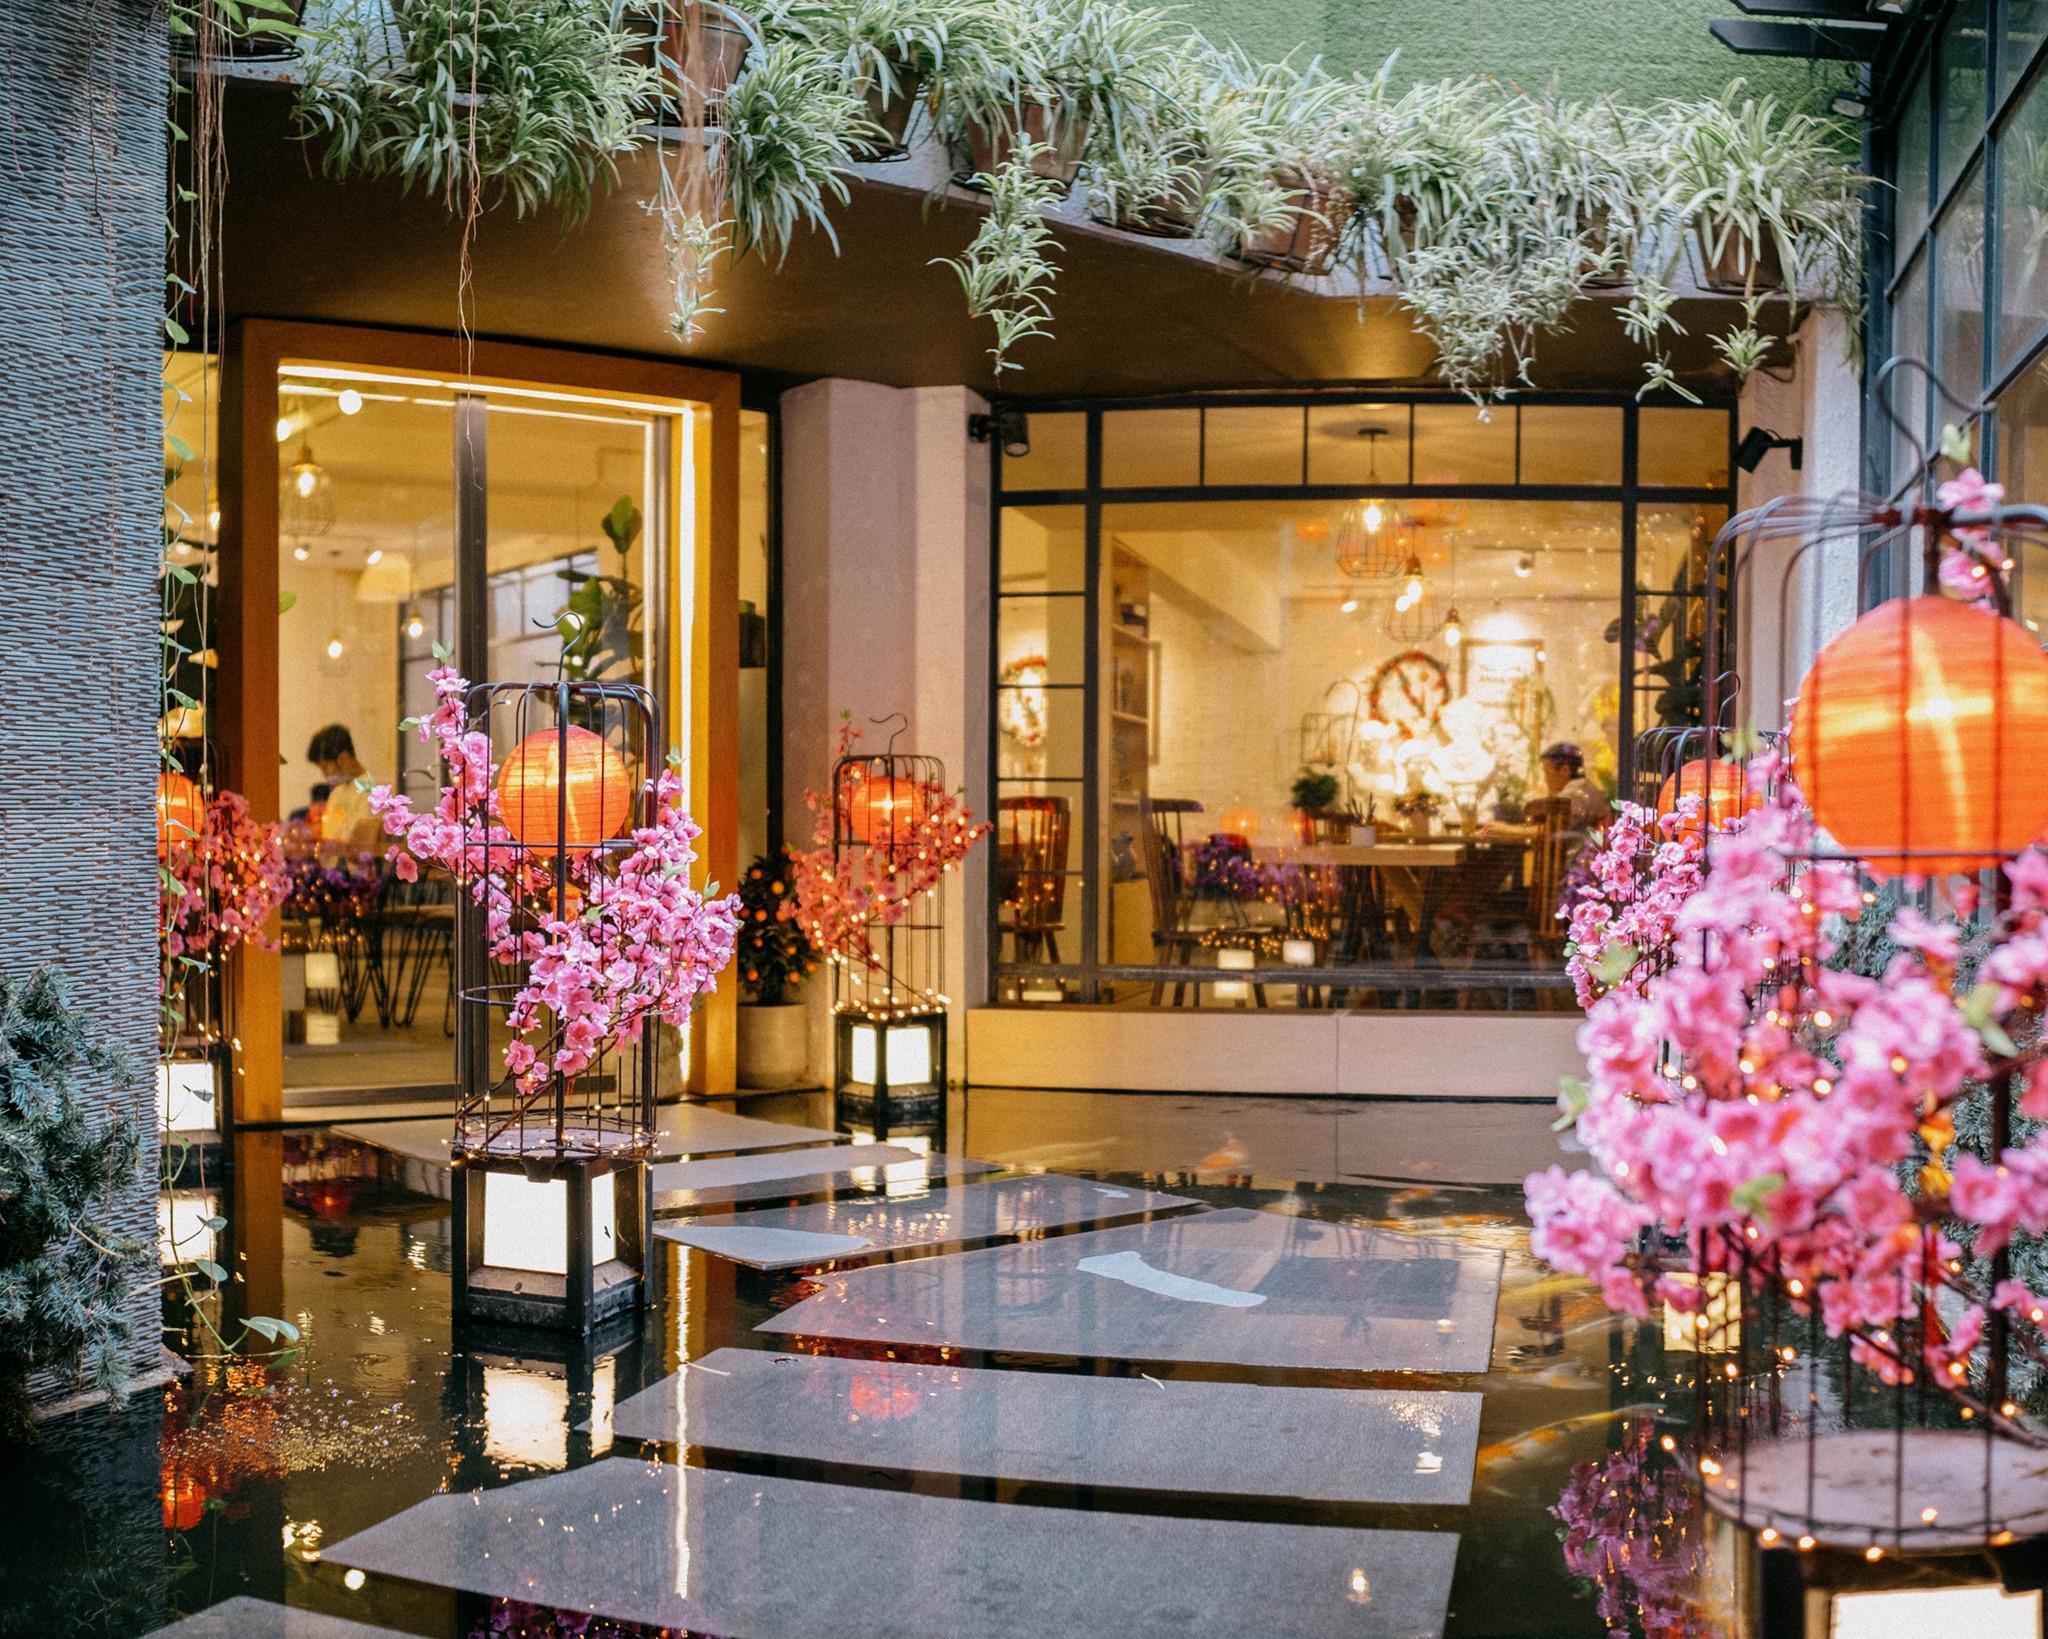 Bật mí những địa điểm du xuân thú vị quanh Sài Gòn trong dịp Tết 2021 - Ảnh 4.